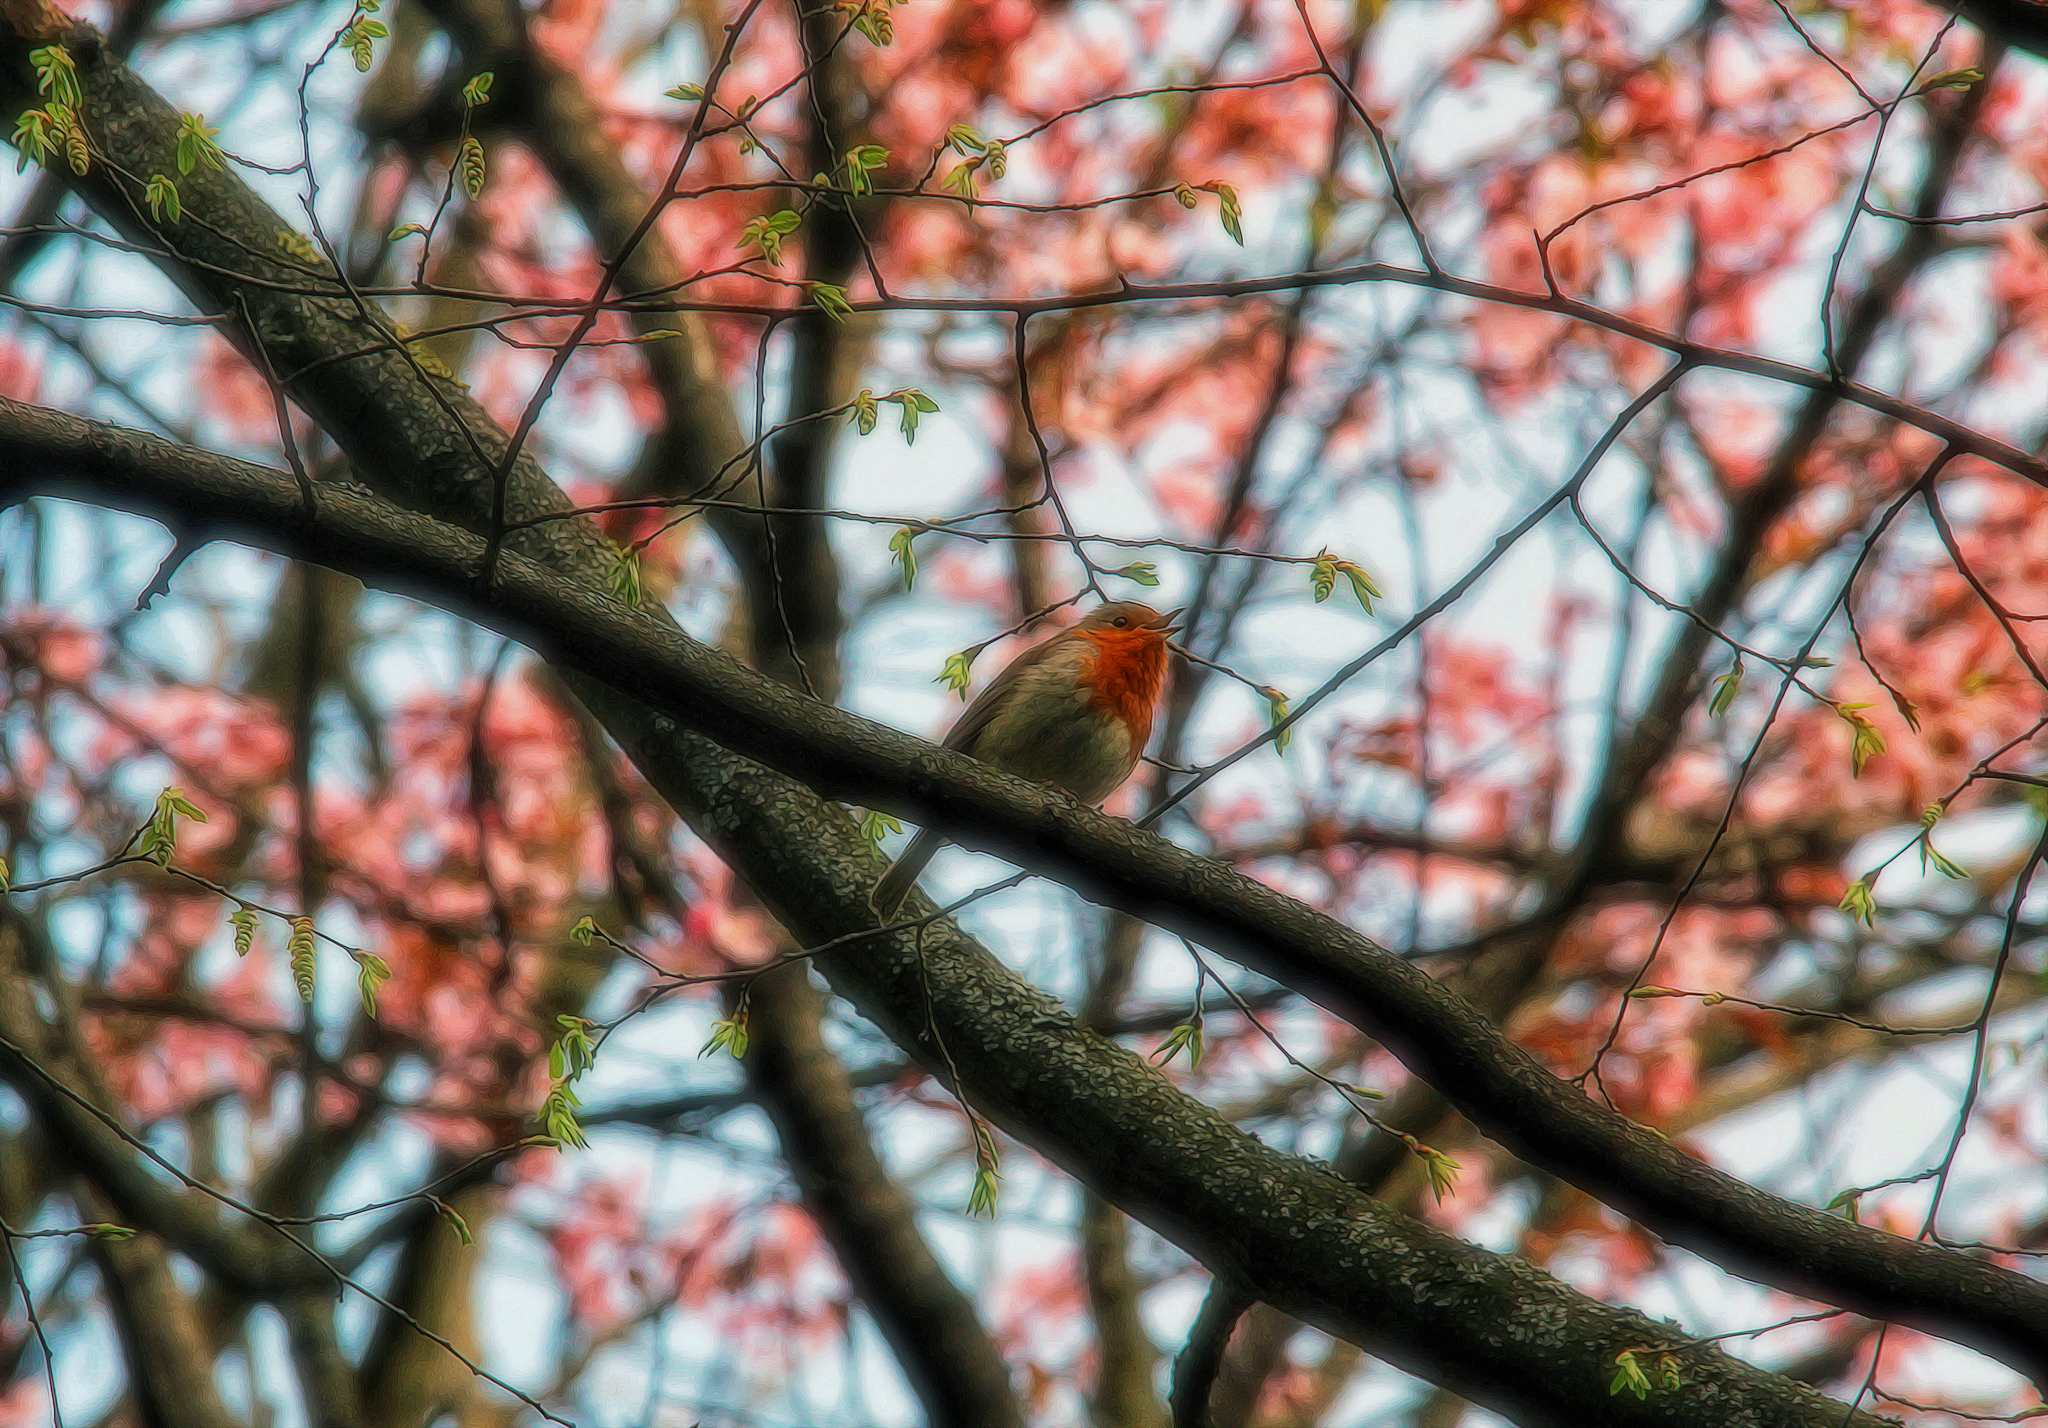 В лесу запели птицы частные клиники наркологические в рб